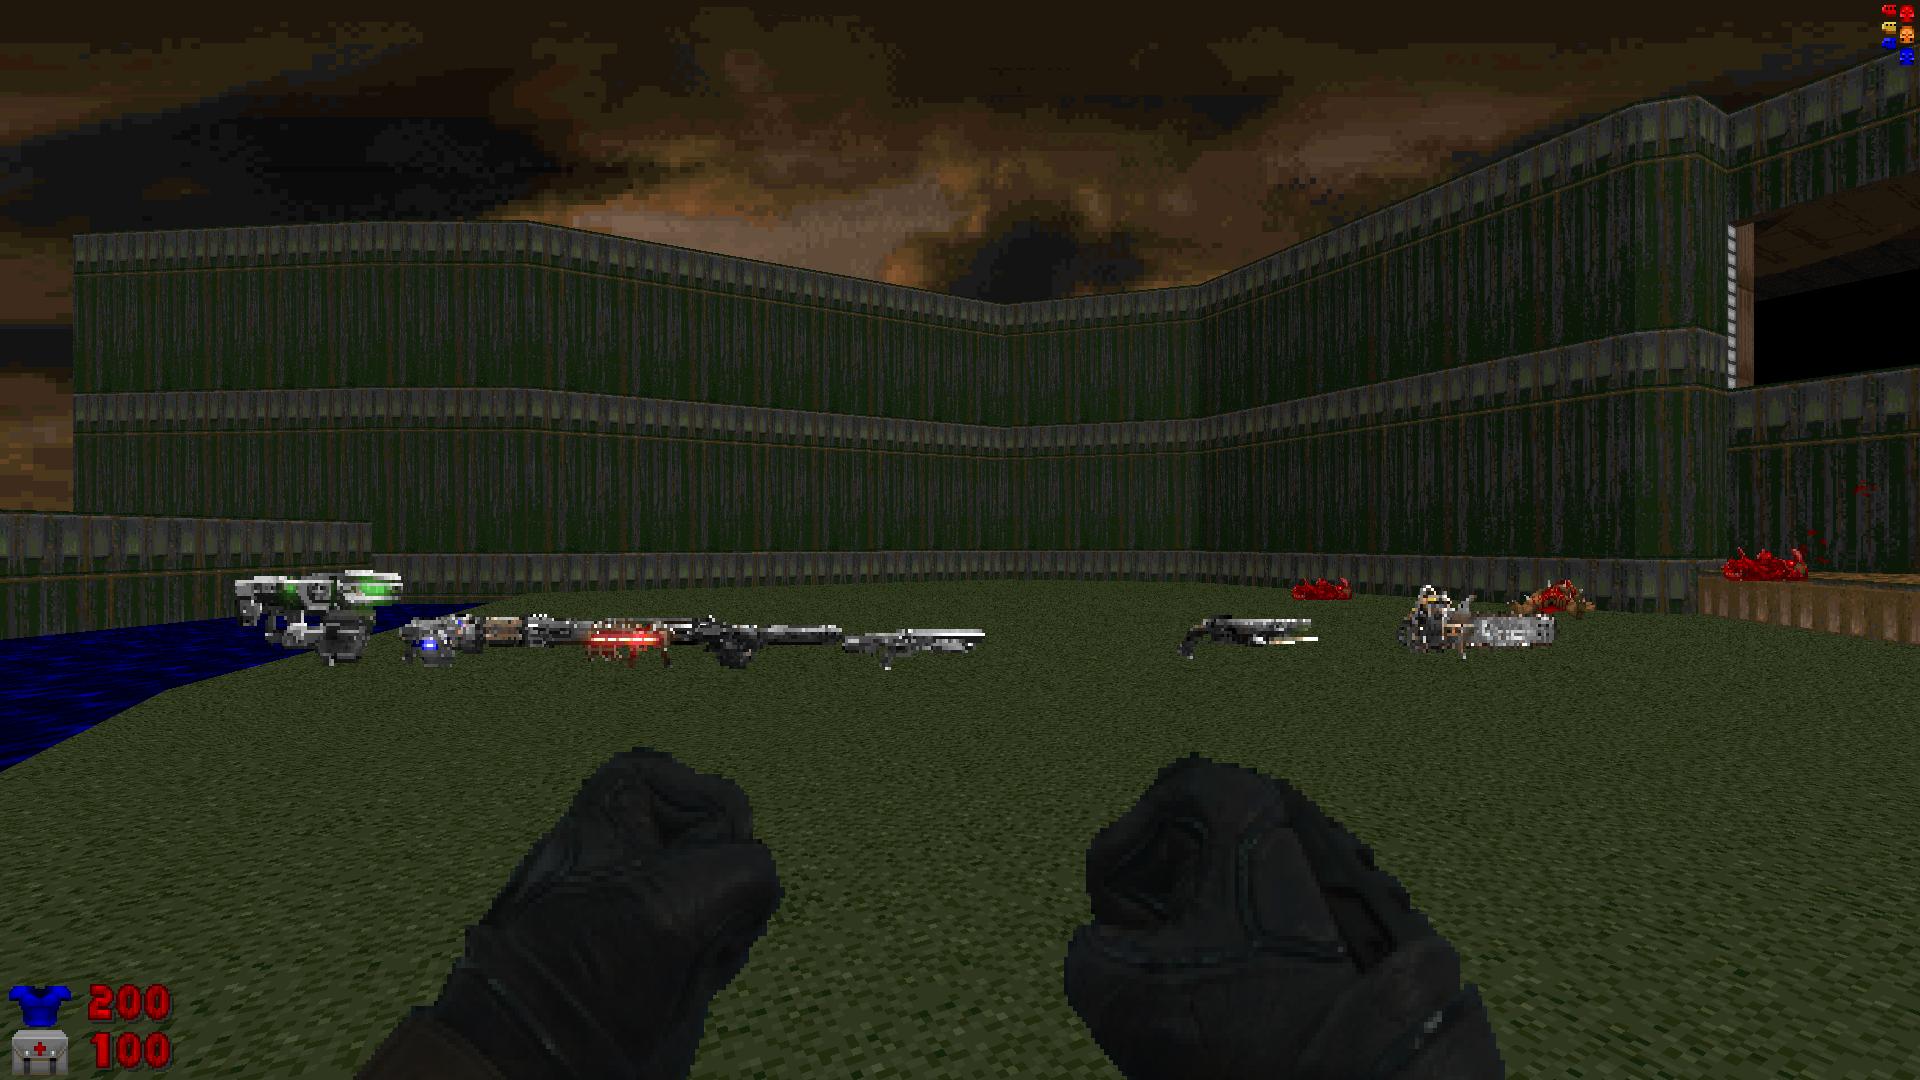 Screenshot_Doom_20200409_180505.png.a731cd0bcdd9051a87c21851101d1f0d.png